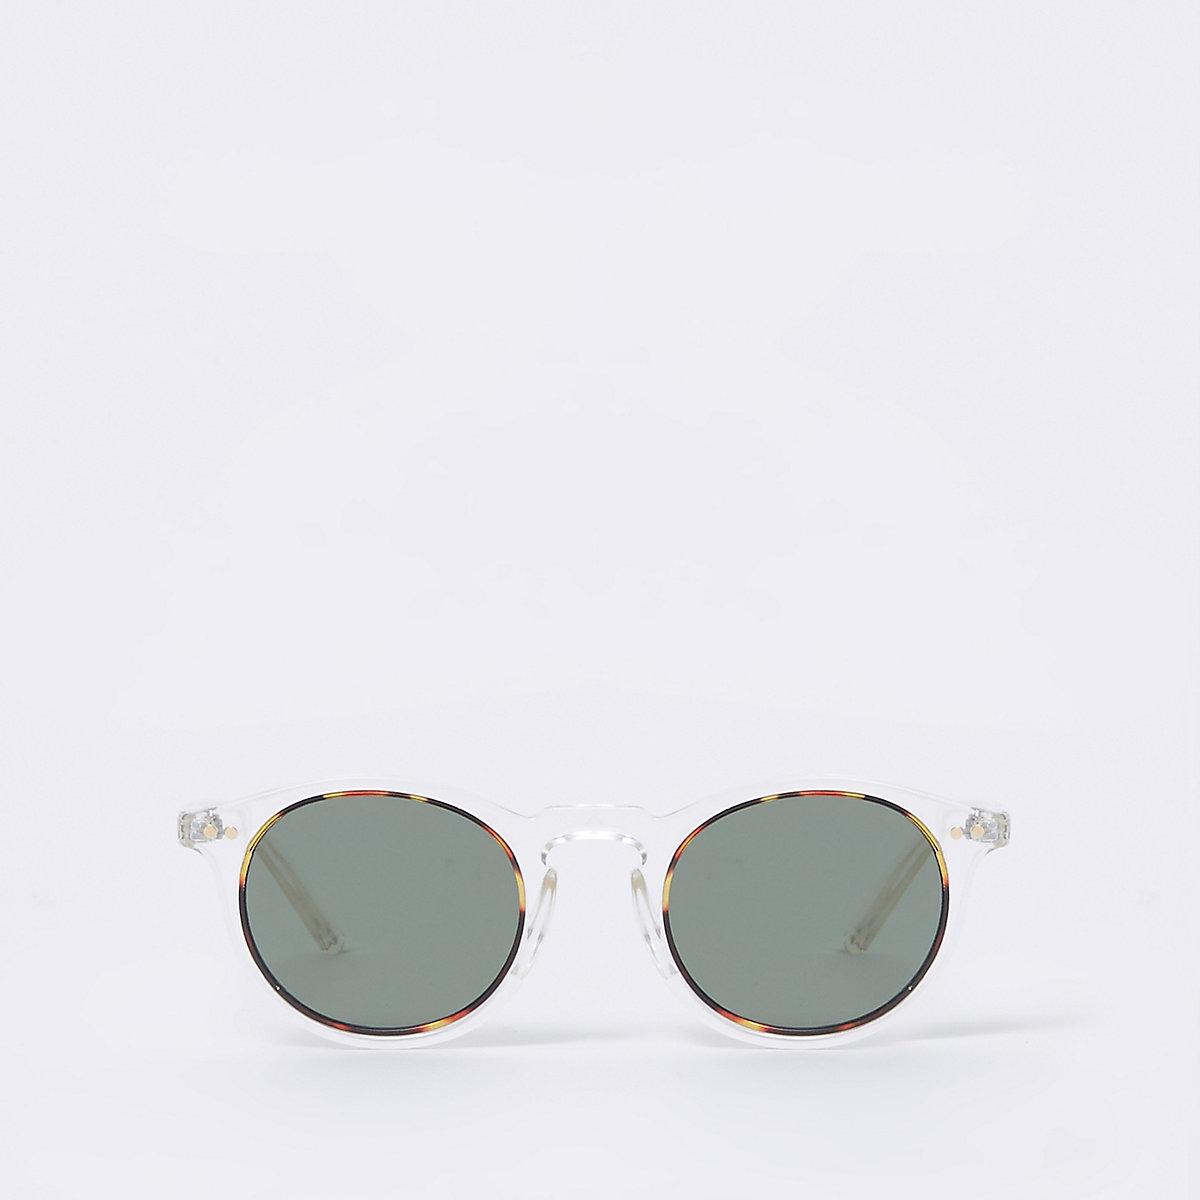 Clear round retro smoke lens sunglasses